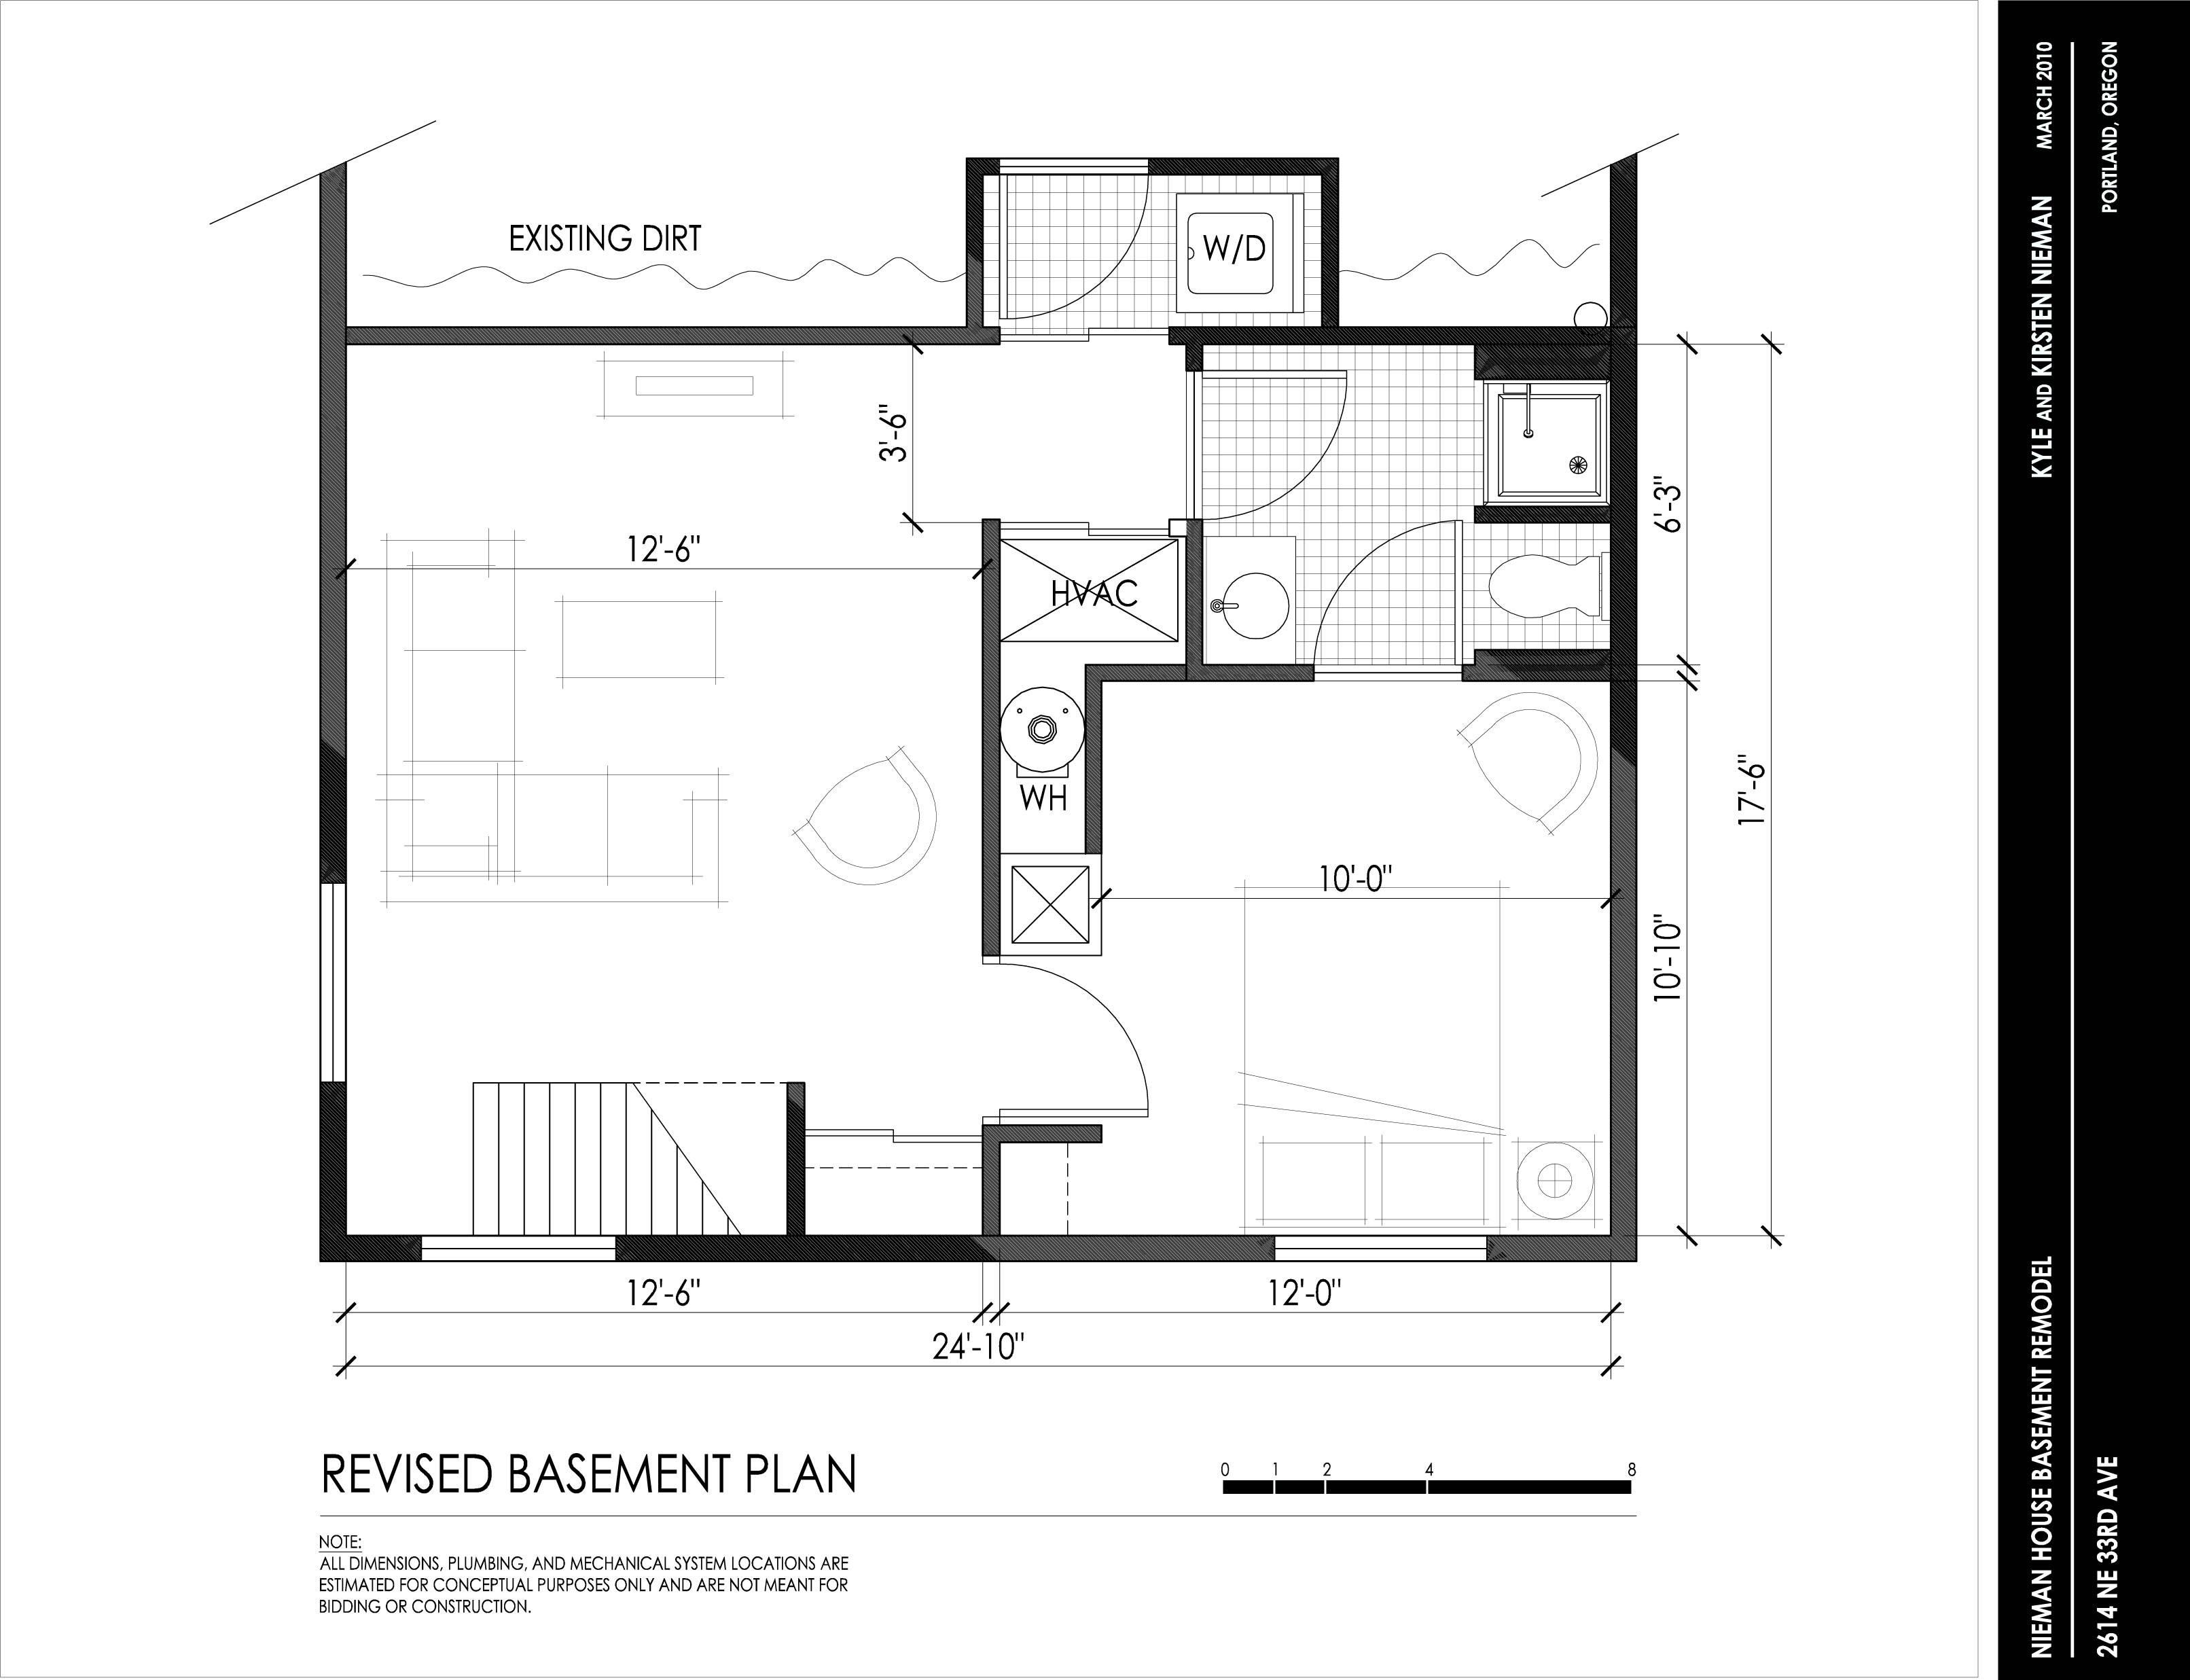 house 545795 basement finish floor plans unique house house plans